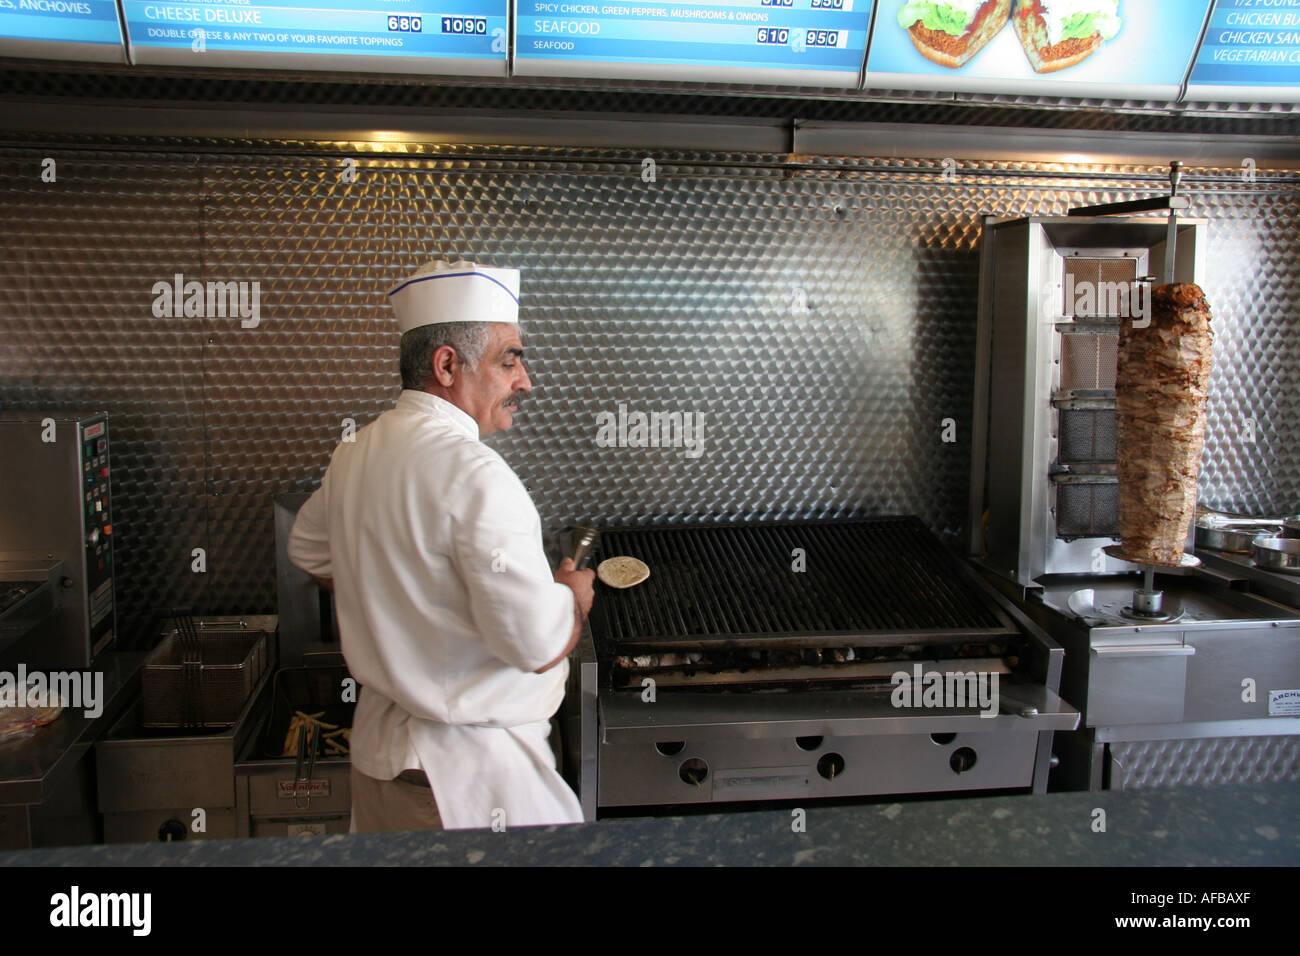 man preparing doner kebab in take-away restaurant - Stock Image